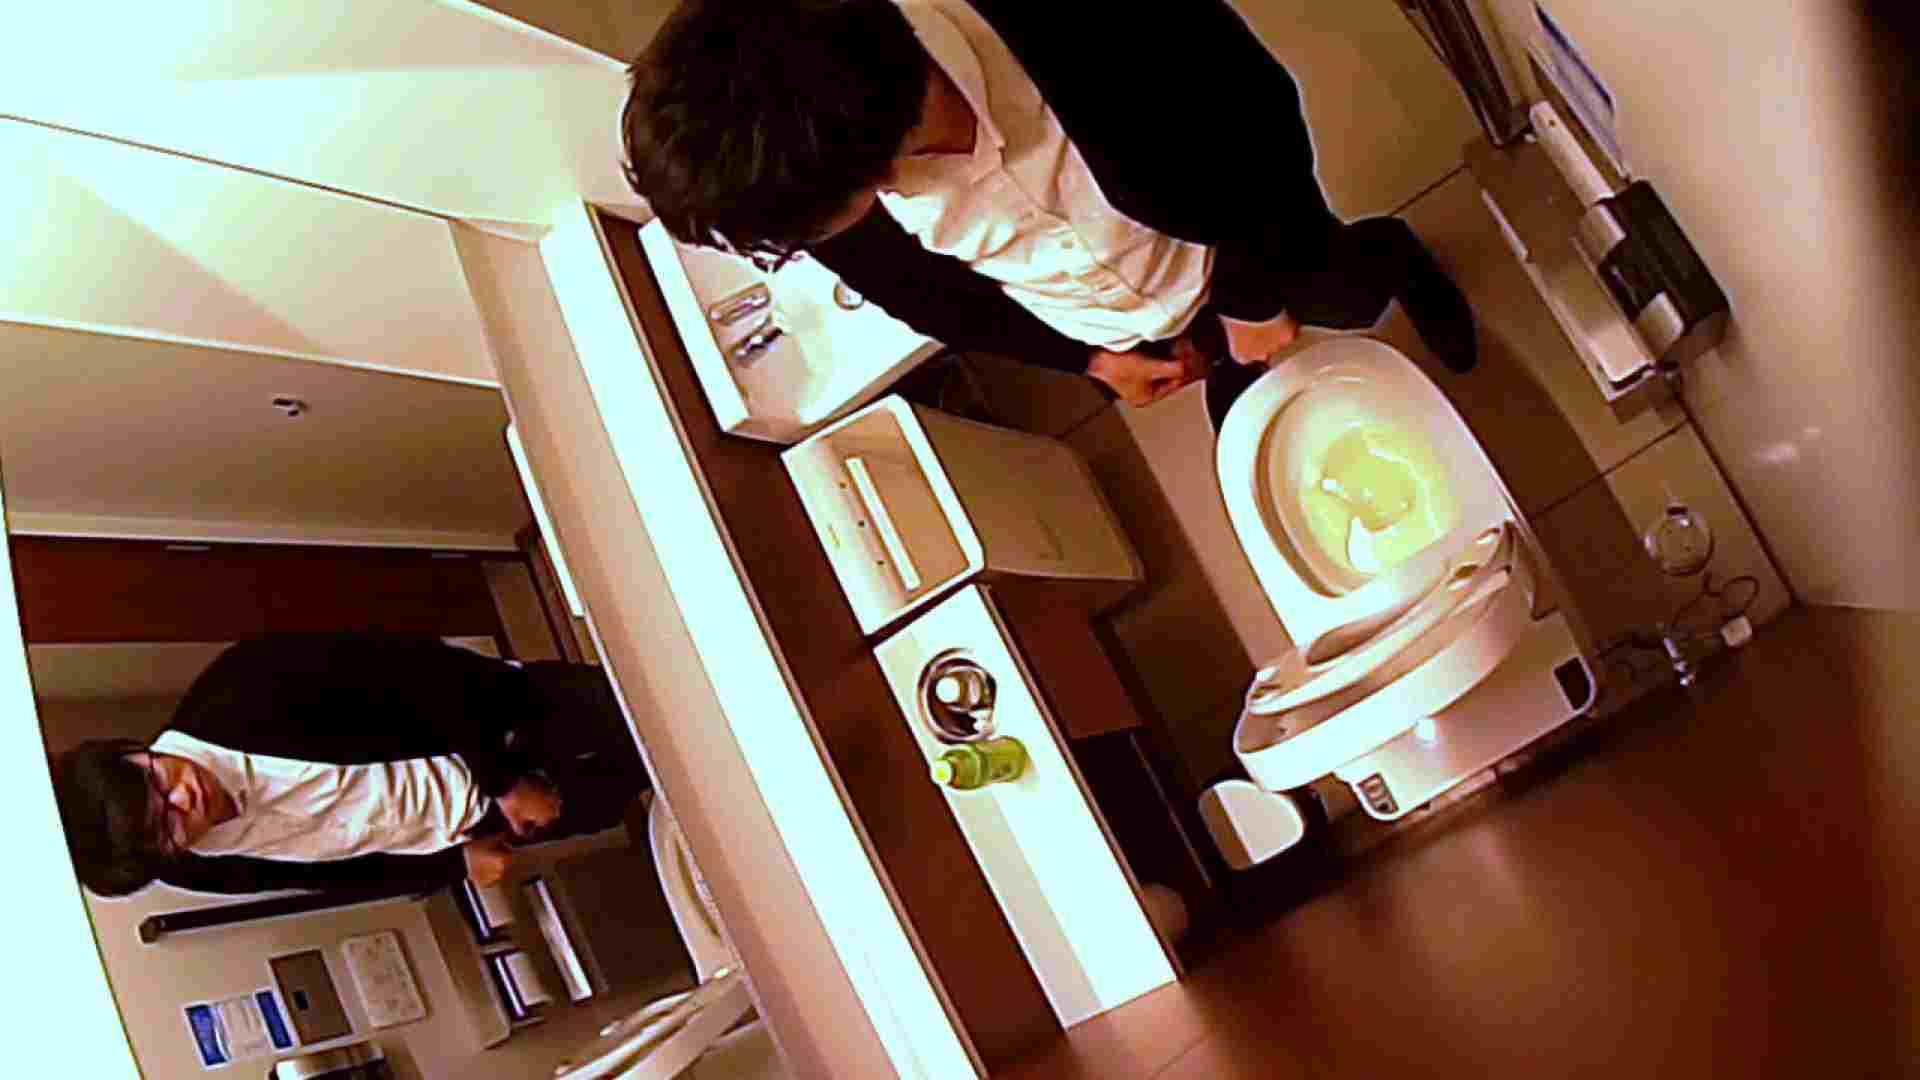 イケメンの素顔in洗面所 Vol.11 イケメンのsex | ノンケボーイズ  60pic 18